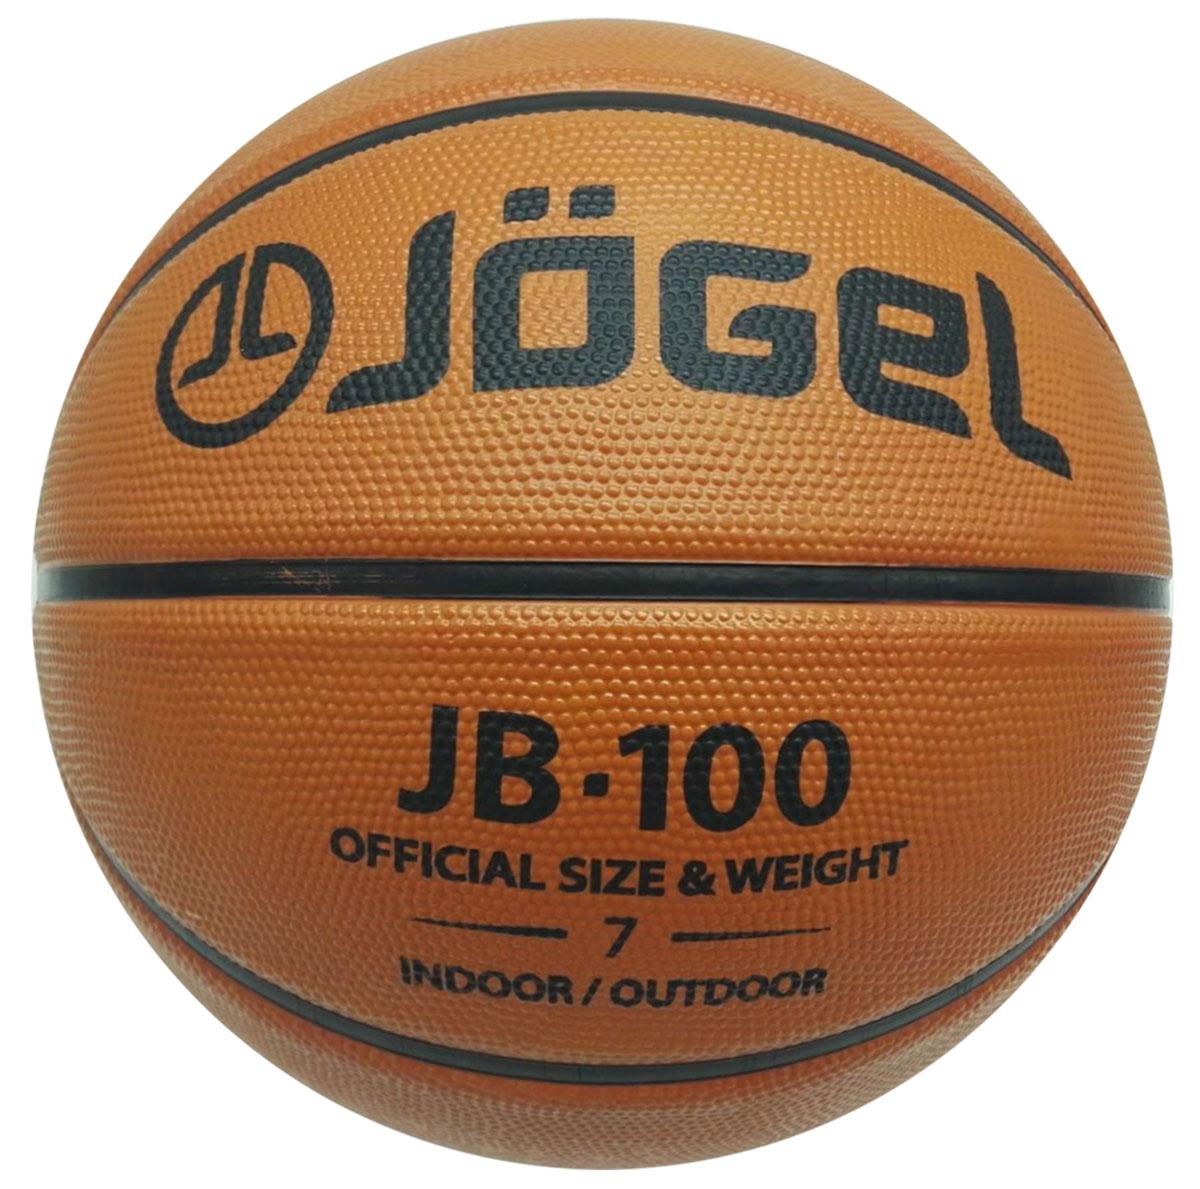 Мяч баскетбольный Jogel, цвет: коричневый. Размер 7. JB-100УТ-00009271Классический резиновый баскетбольный мяч Jogel часто используется в уличном баскетболе, учебных заведениях и СДЮШ.Покрышка мяча выполнена из износостойкой резины, поэтому с мячом можно играть на любой поверхности, как в зале, так и на улице. В создании мячей используется технология DeepChannel (глубокие каналы), благодаря которой достигается отличный контроль мяча во время броска и дриблинга.Камера выполнена из бутила.Мяч баскетбольный рекомендован для любительской игры, тренировок команд среднего уровня и любительских команд.Вес: 567-650 гр.Длина окружности: 75-78 см.Рекомендованное давление: 0.5-0.6 бар.УВАЖАЕМЫЕ КЛИЕНТЫ!Обращаем ваше внимание на тот факт, что мяч поставляется в сдутом виде. Насос в комплект не входит.